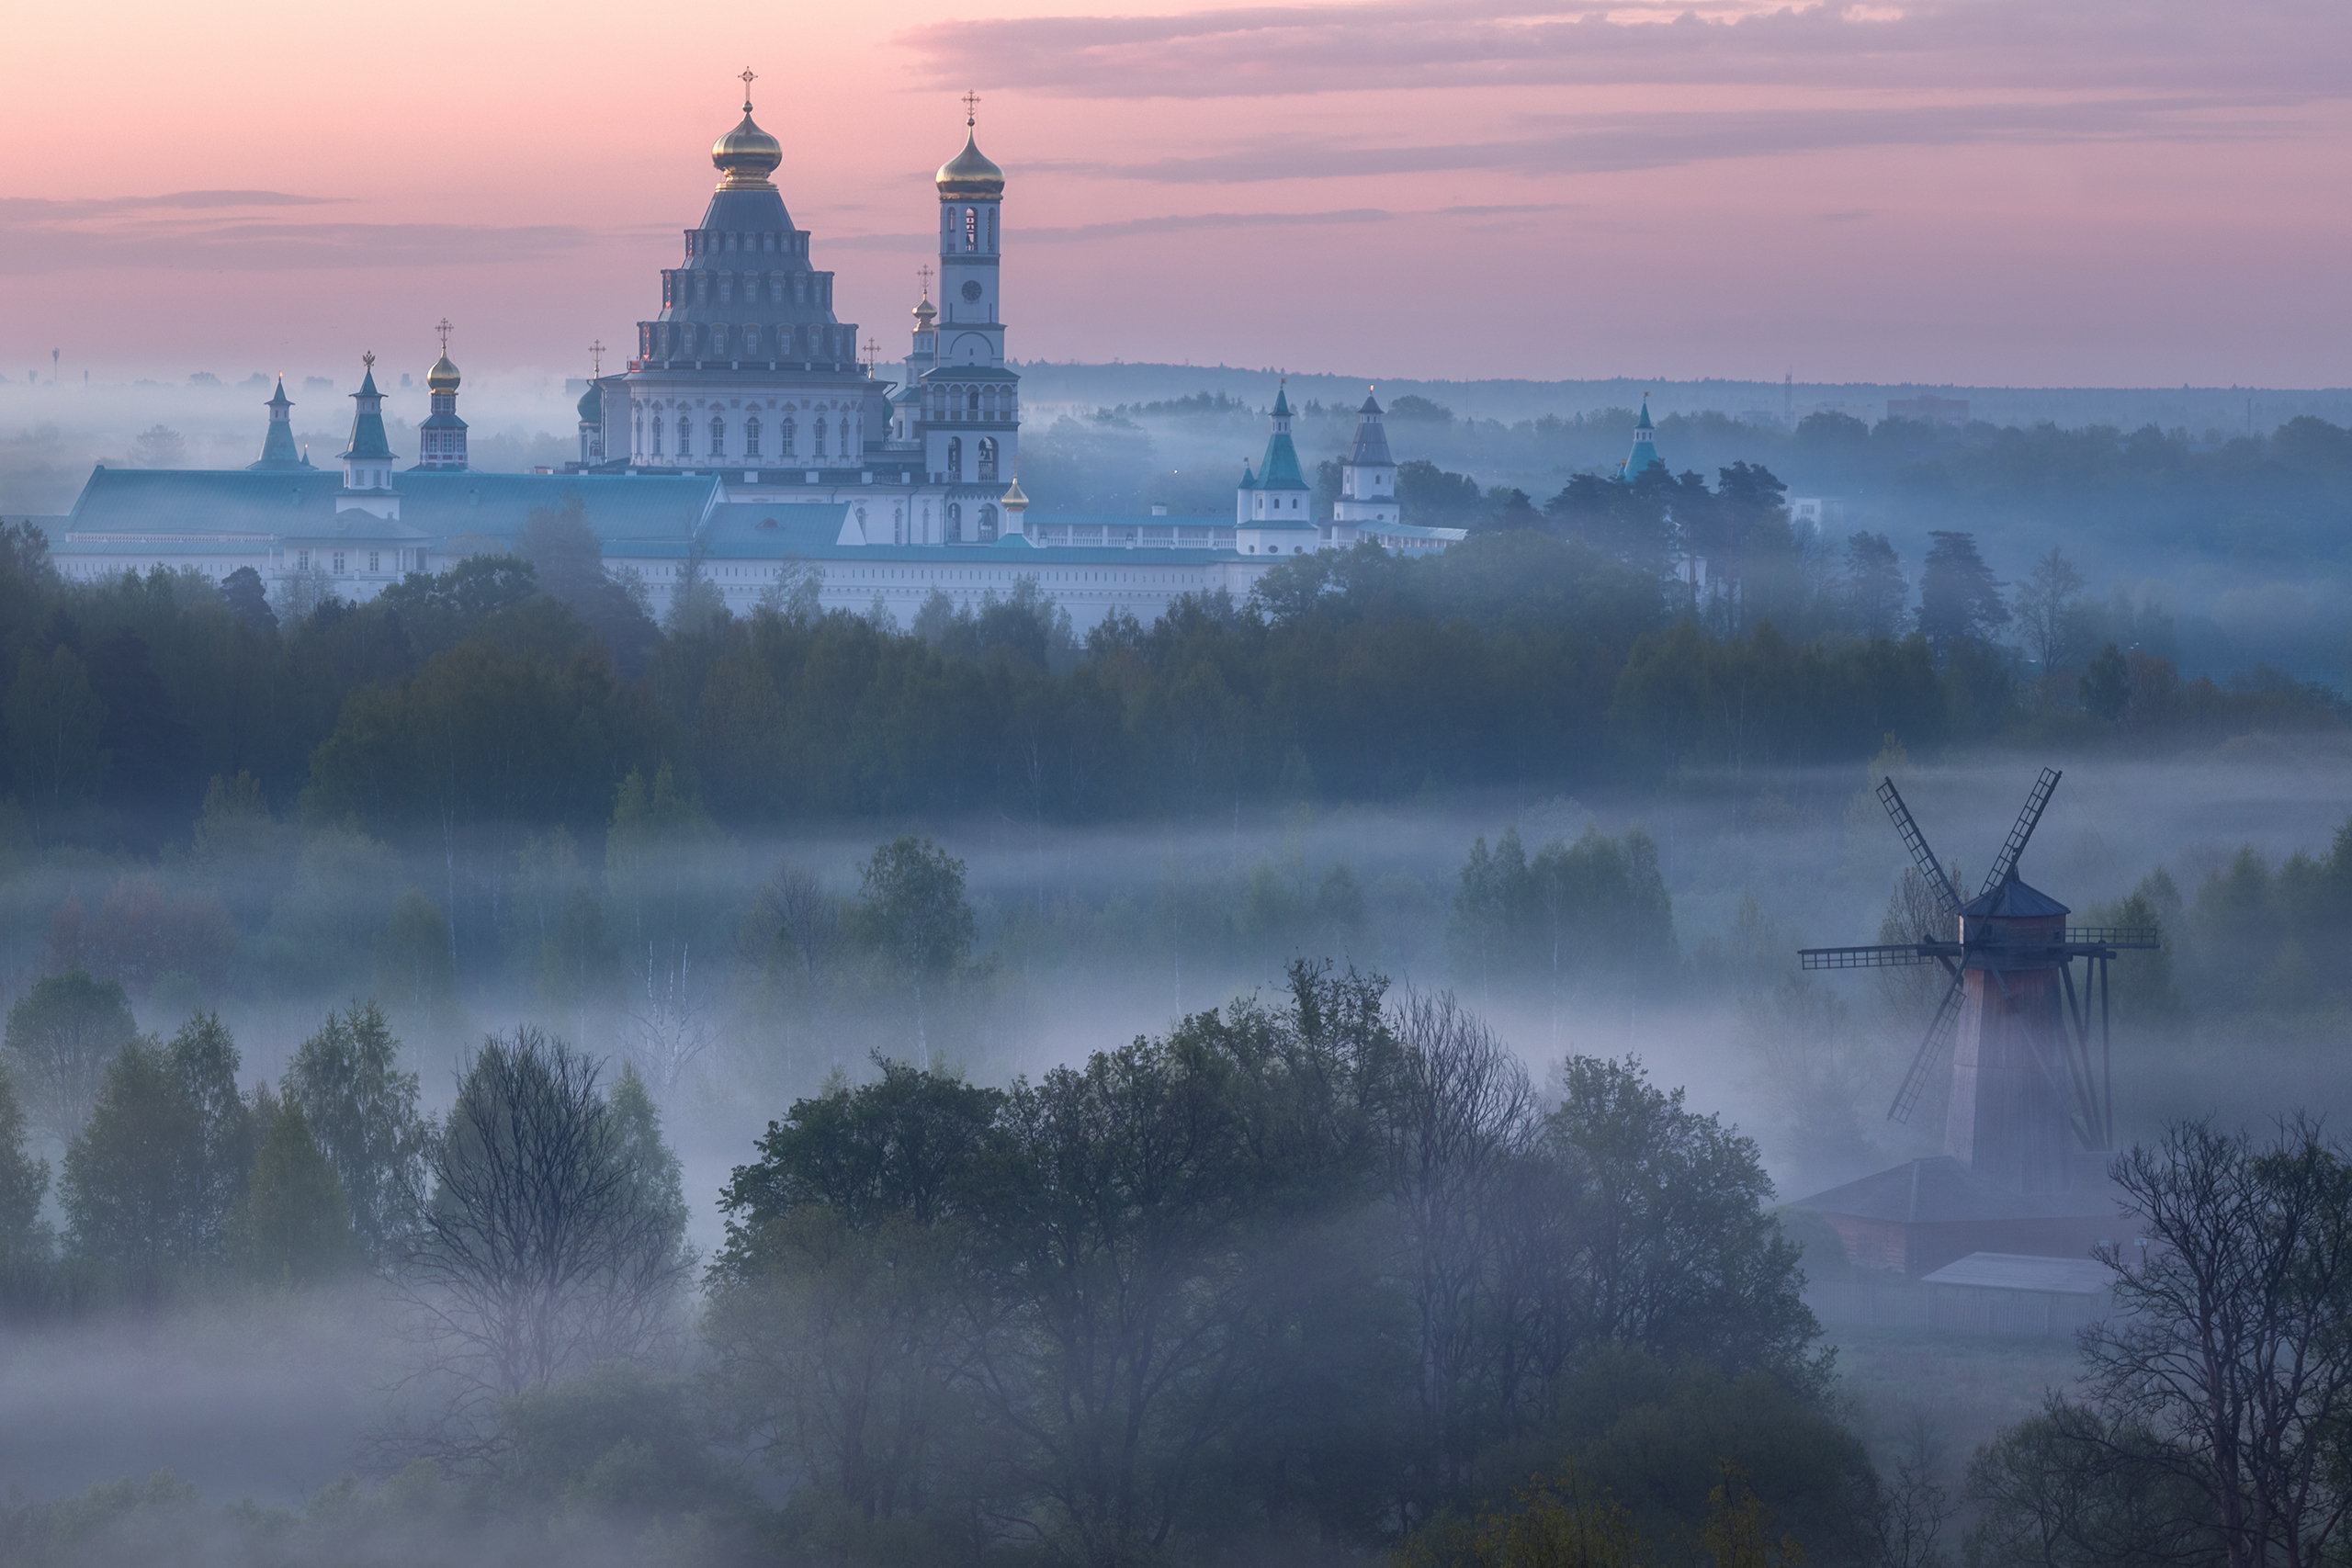 подмосковье, истра, храм, туман, весна, Стрельчук Александр